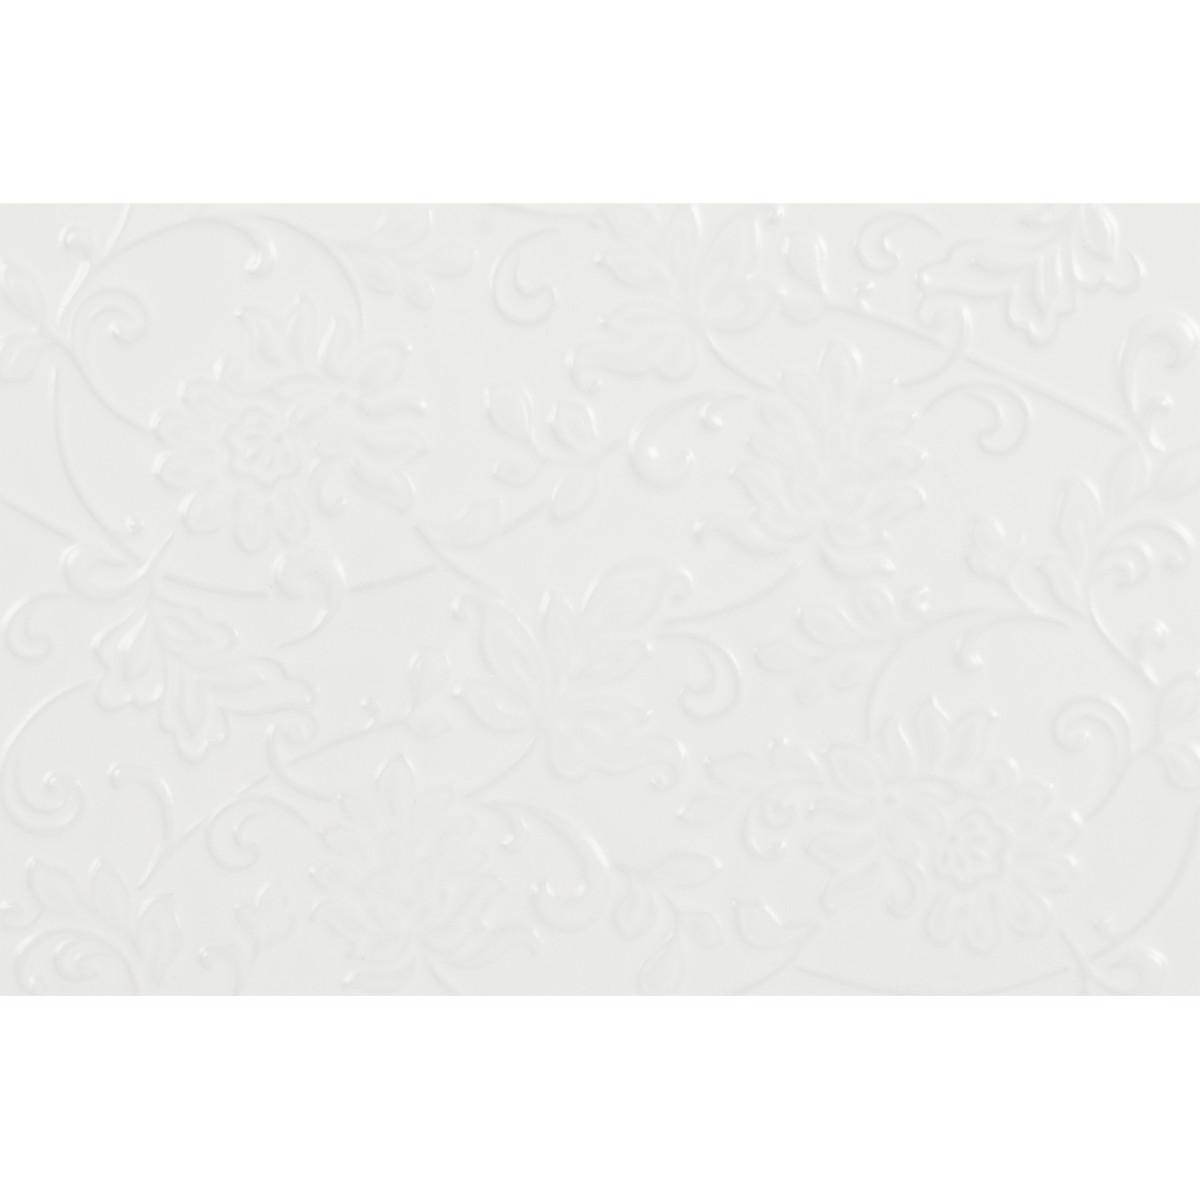 Плитка настенная Аджанта цветы 20х30 см 1.2 м2 цвет белый